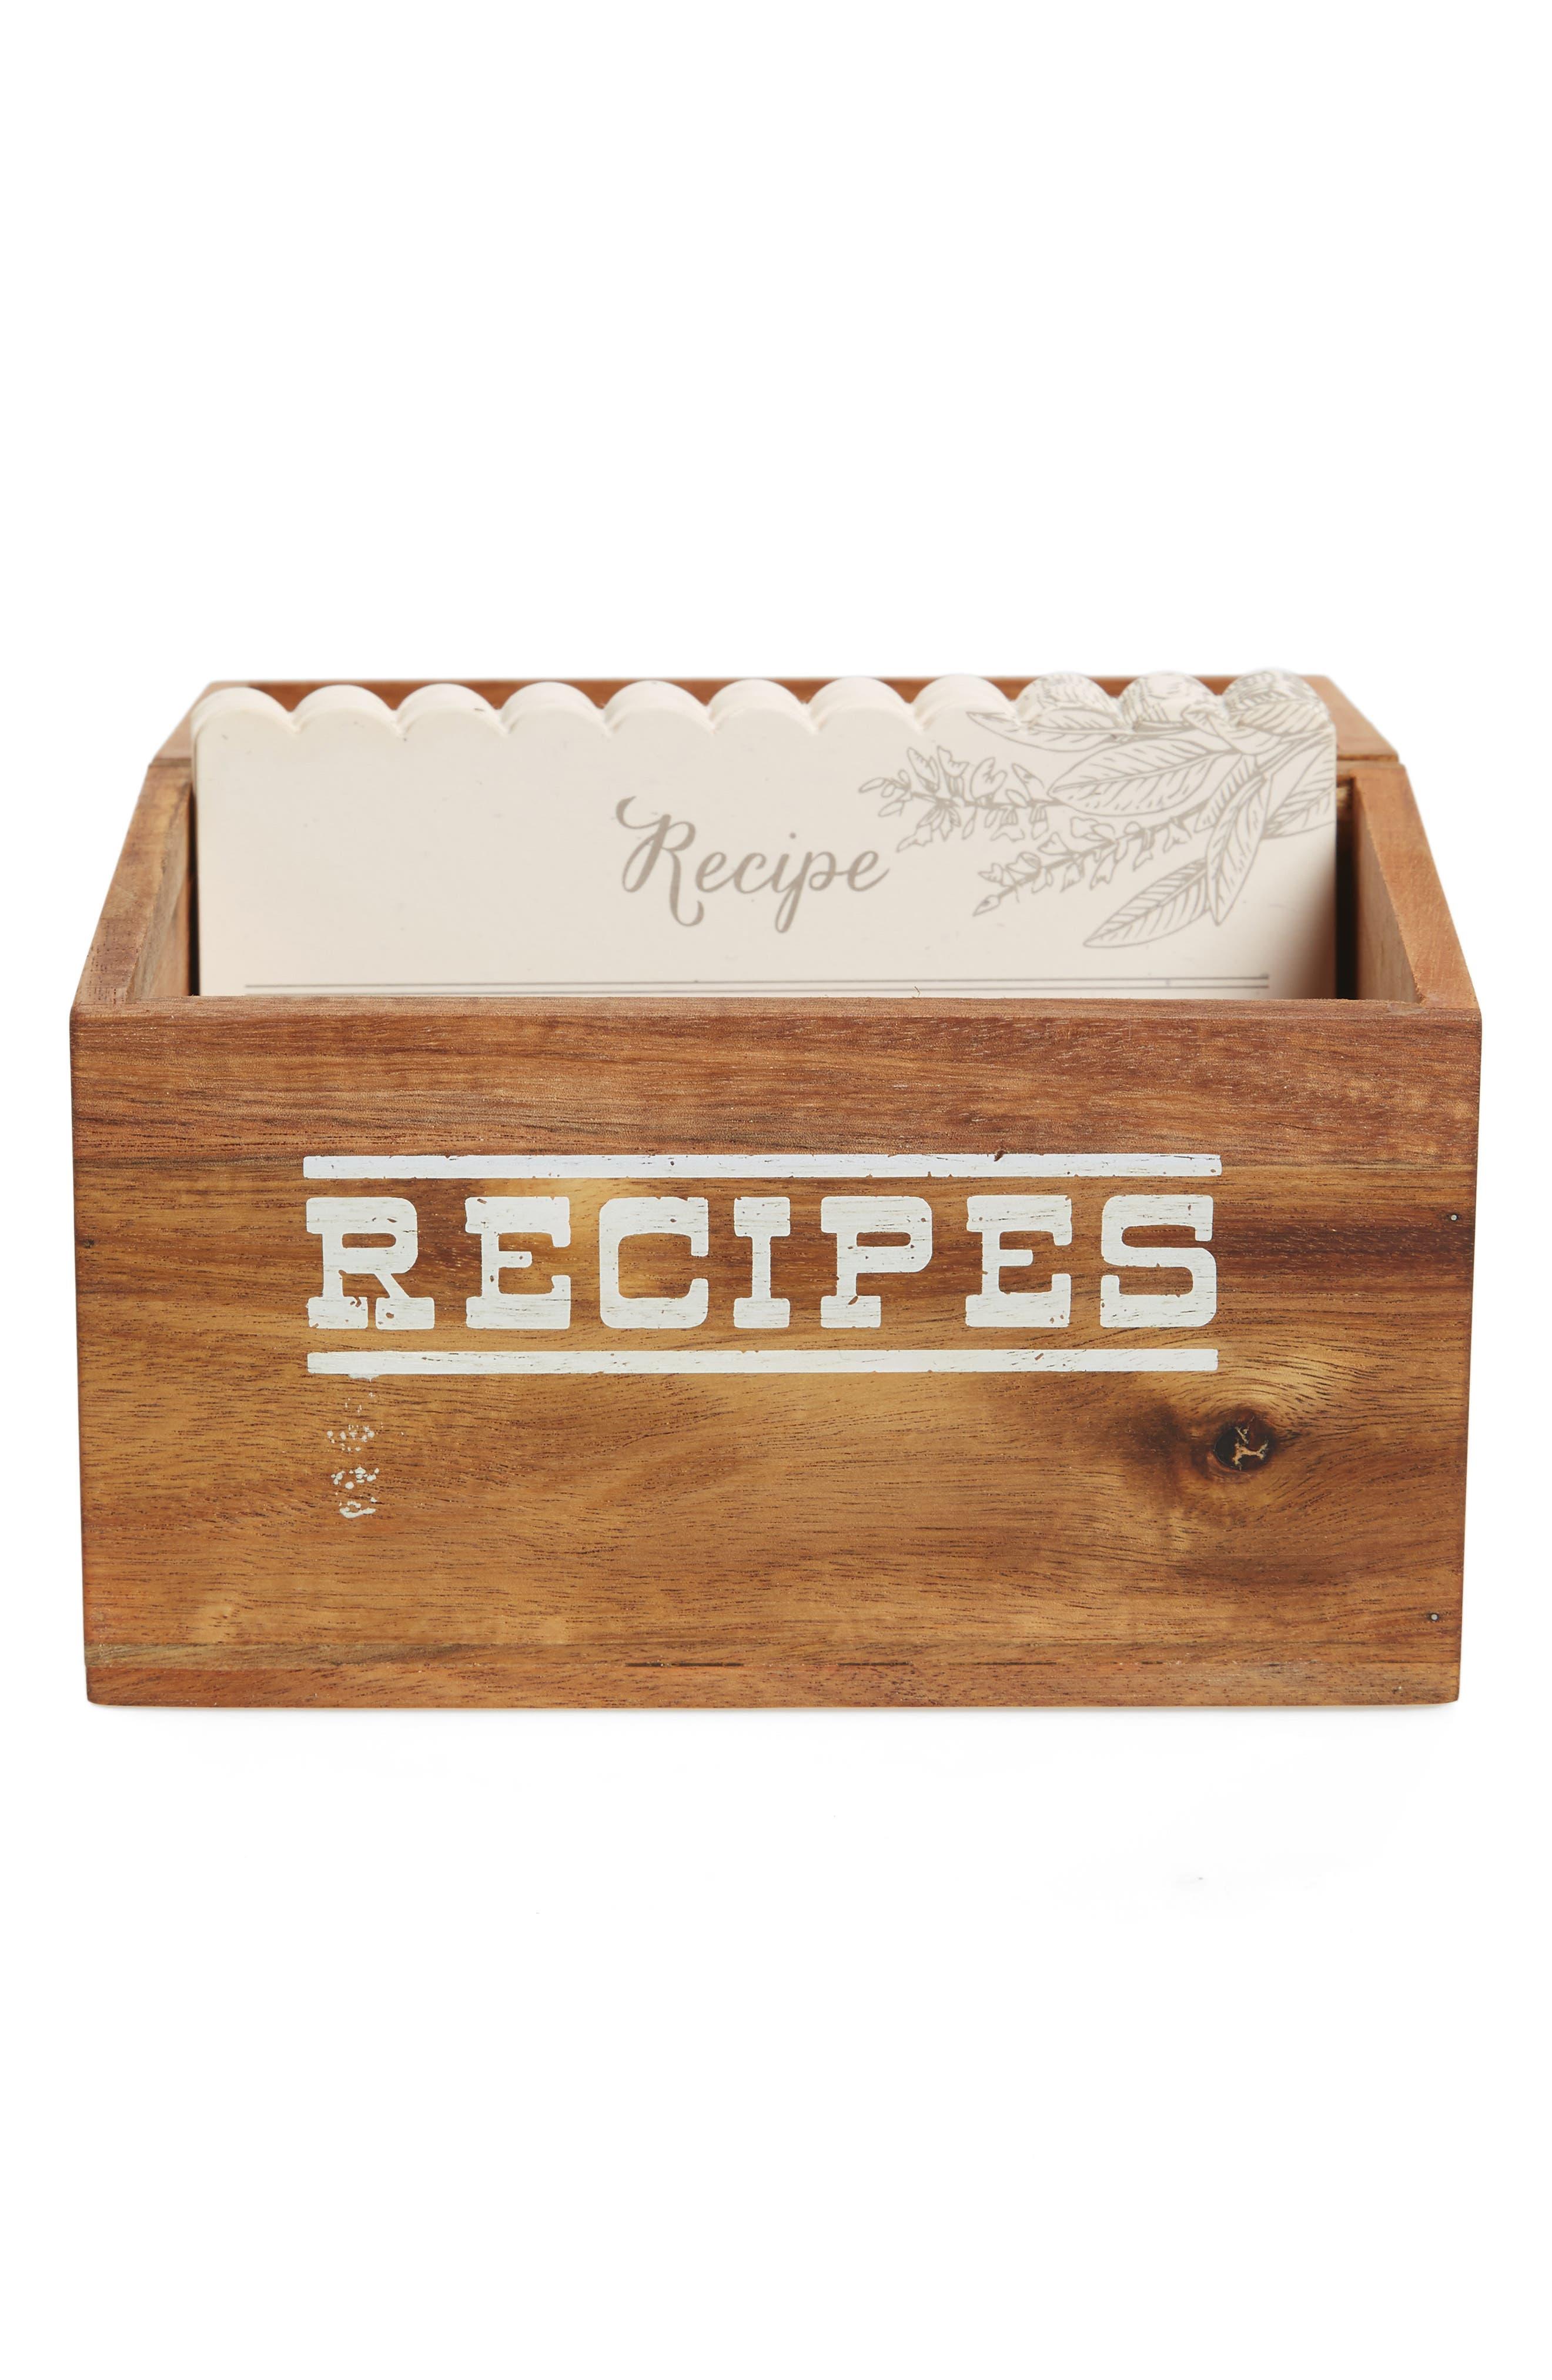 Recipe Box,                             Alternate thumbnail 2, color,                             200